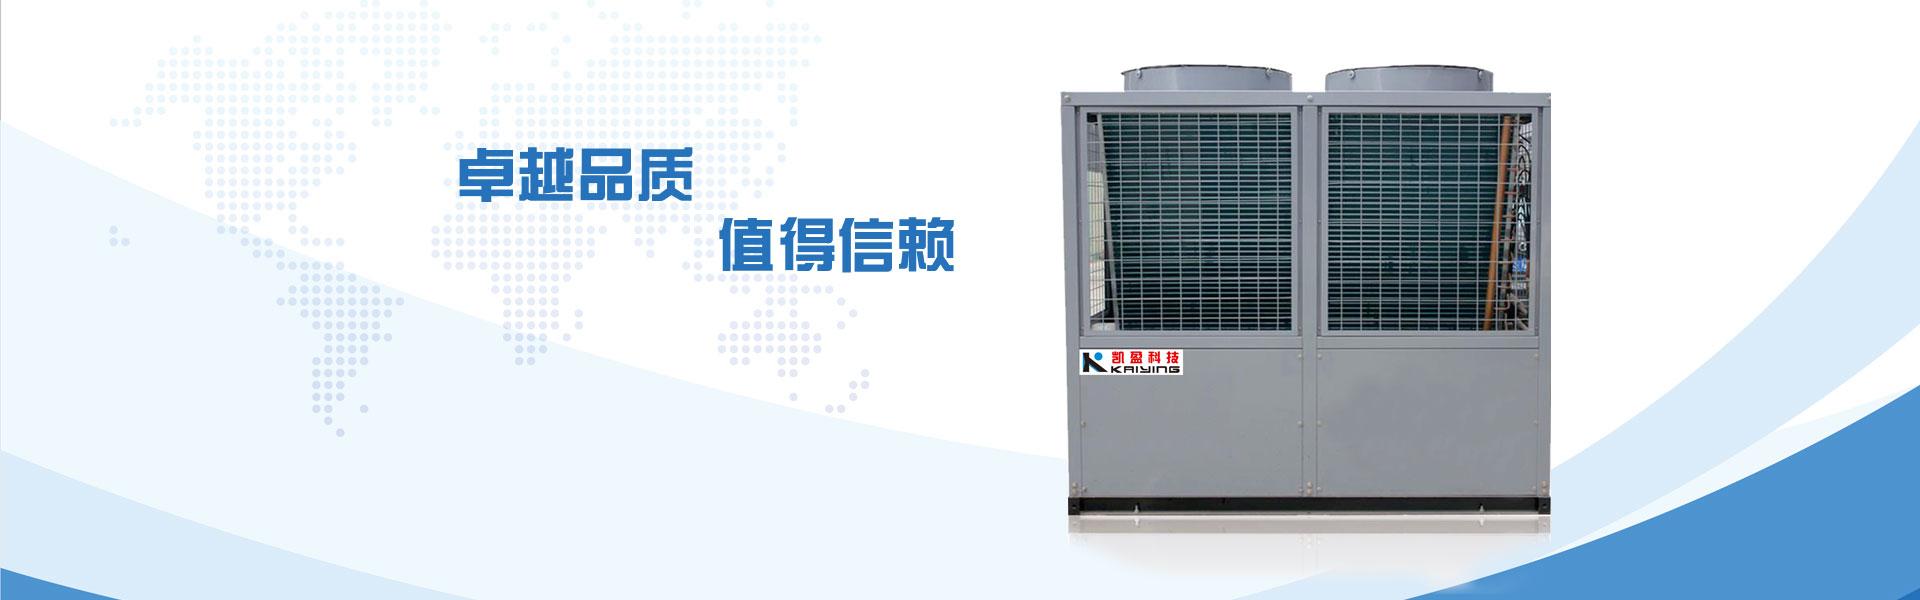 热水器空气能,深圳市凯盈节能科技有限公司